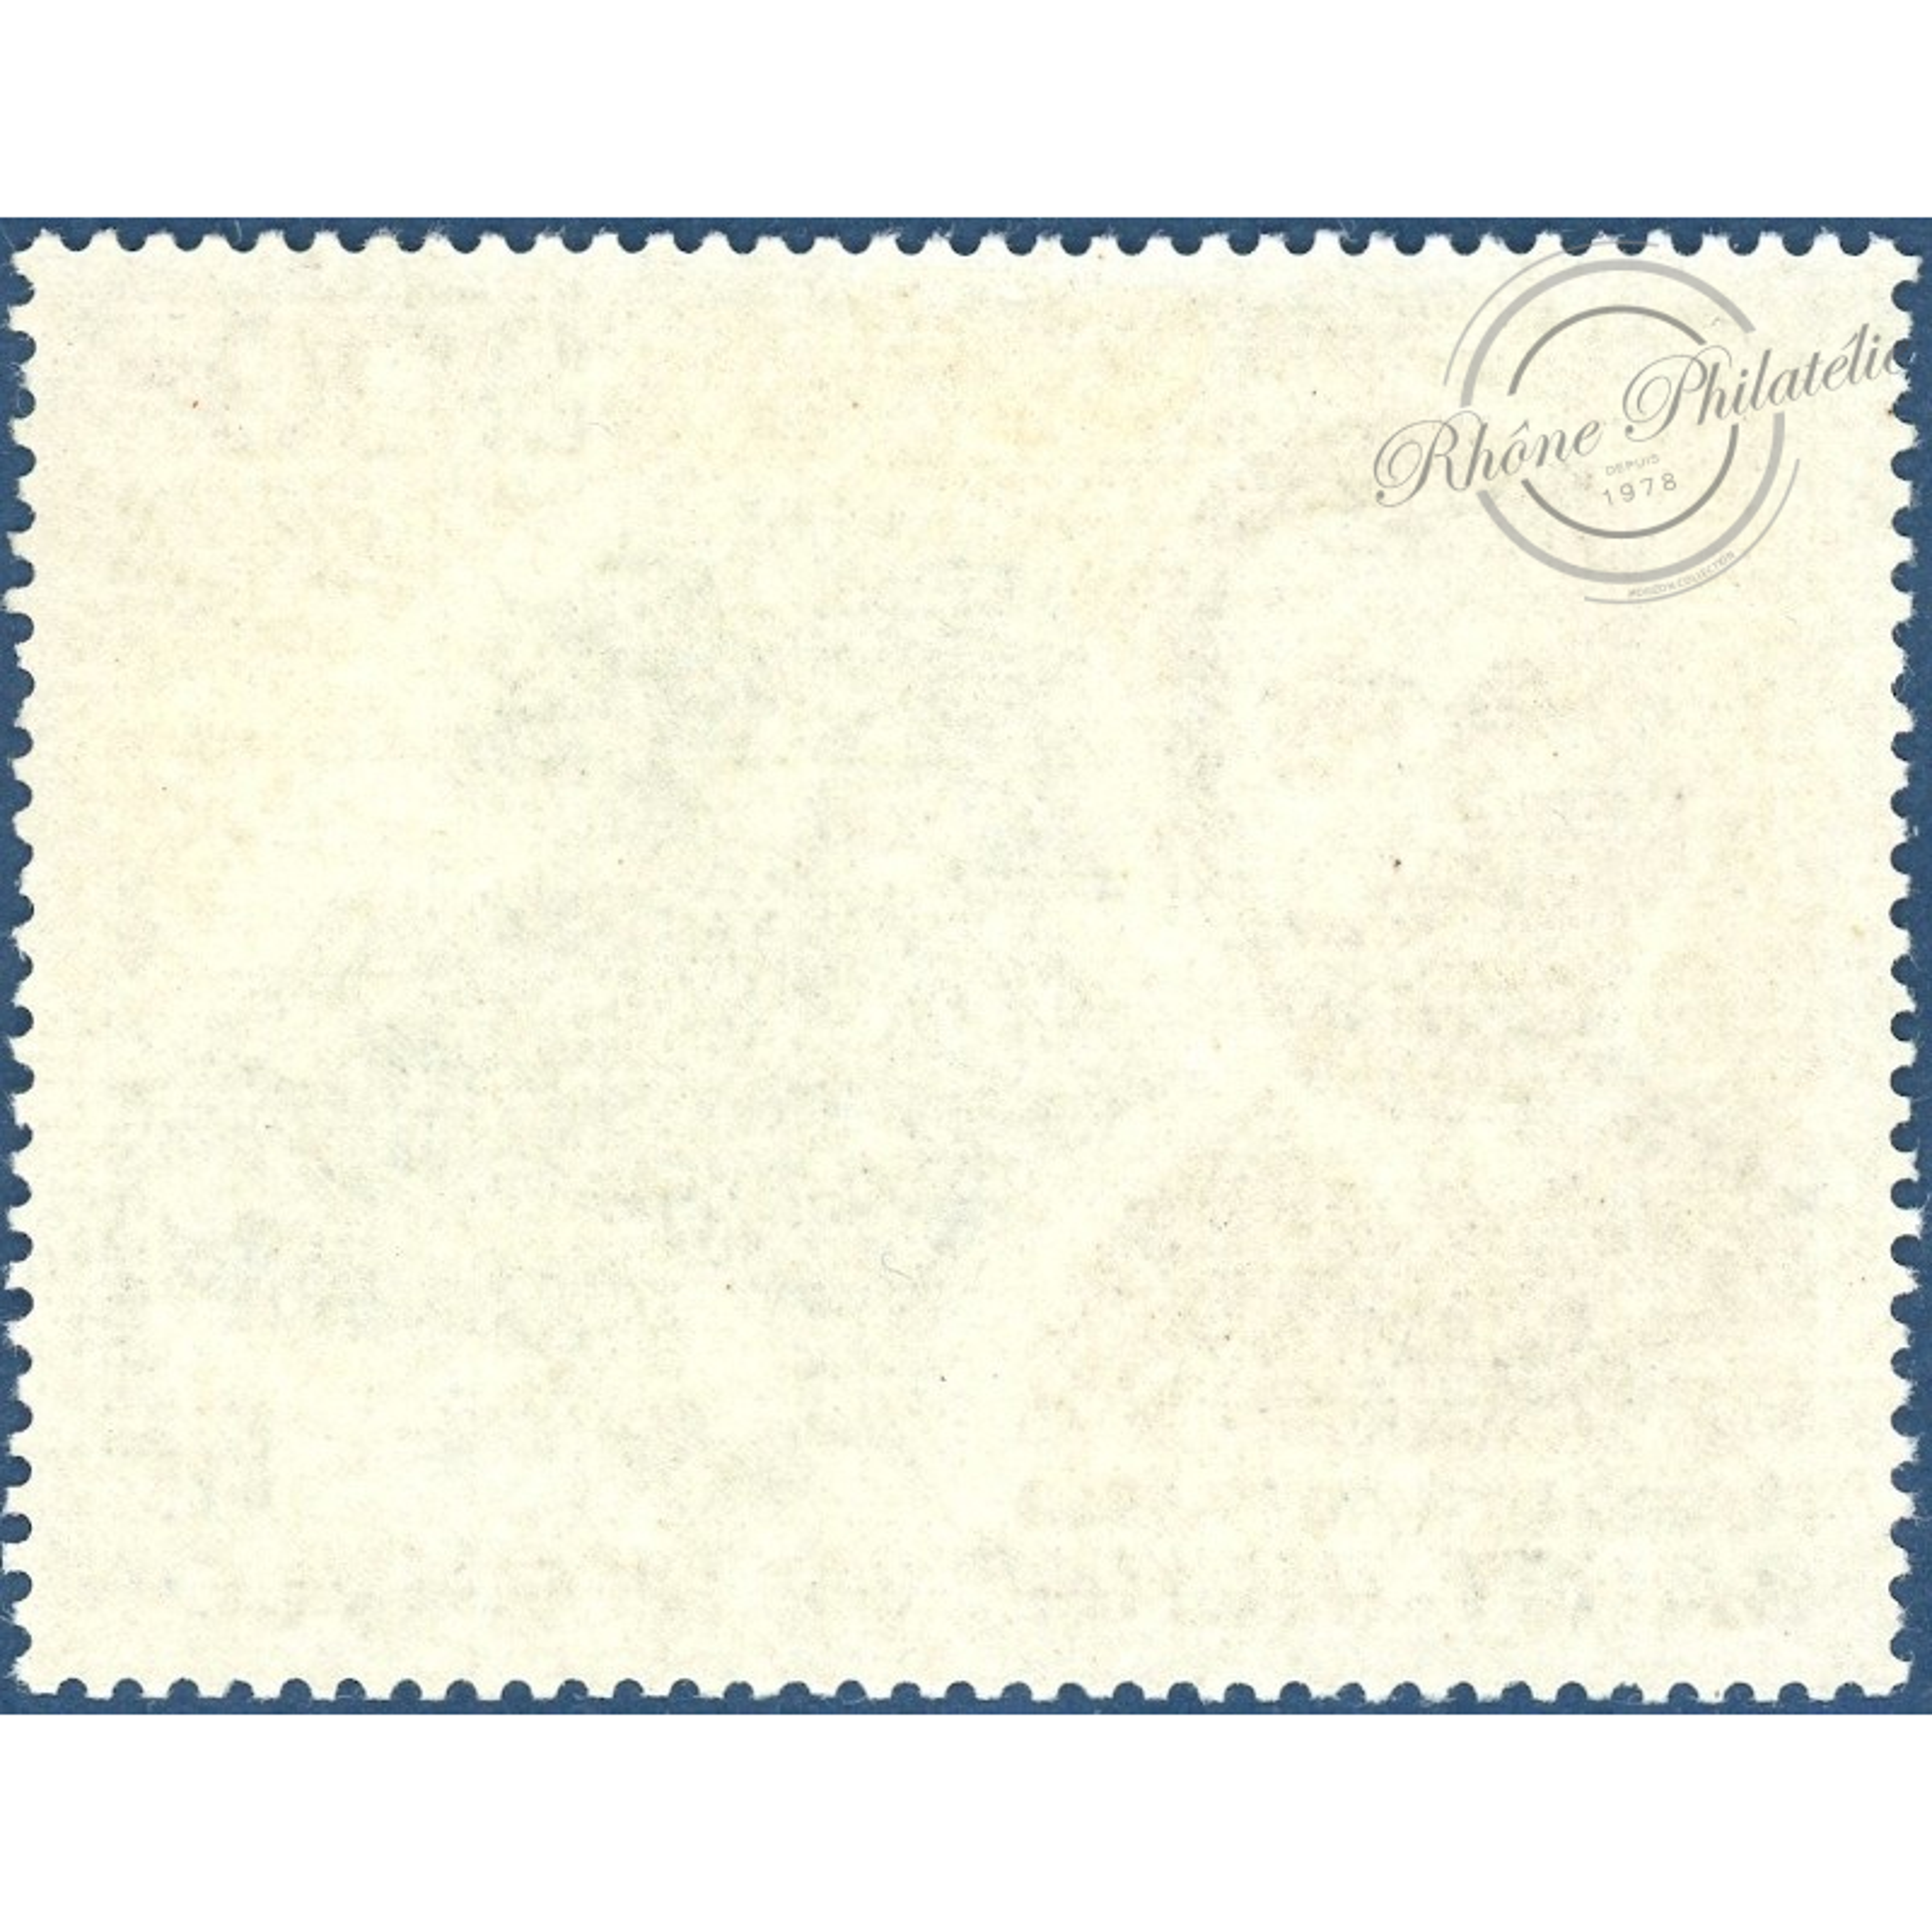 SAINT-PIERRE-ET-MIQUELON POSTE AÉRIENNE N°47, NEUF AVEC CHARNIÈRE, 1969